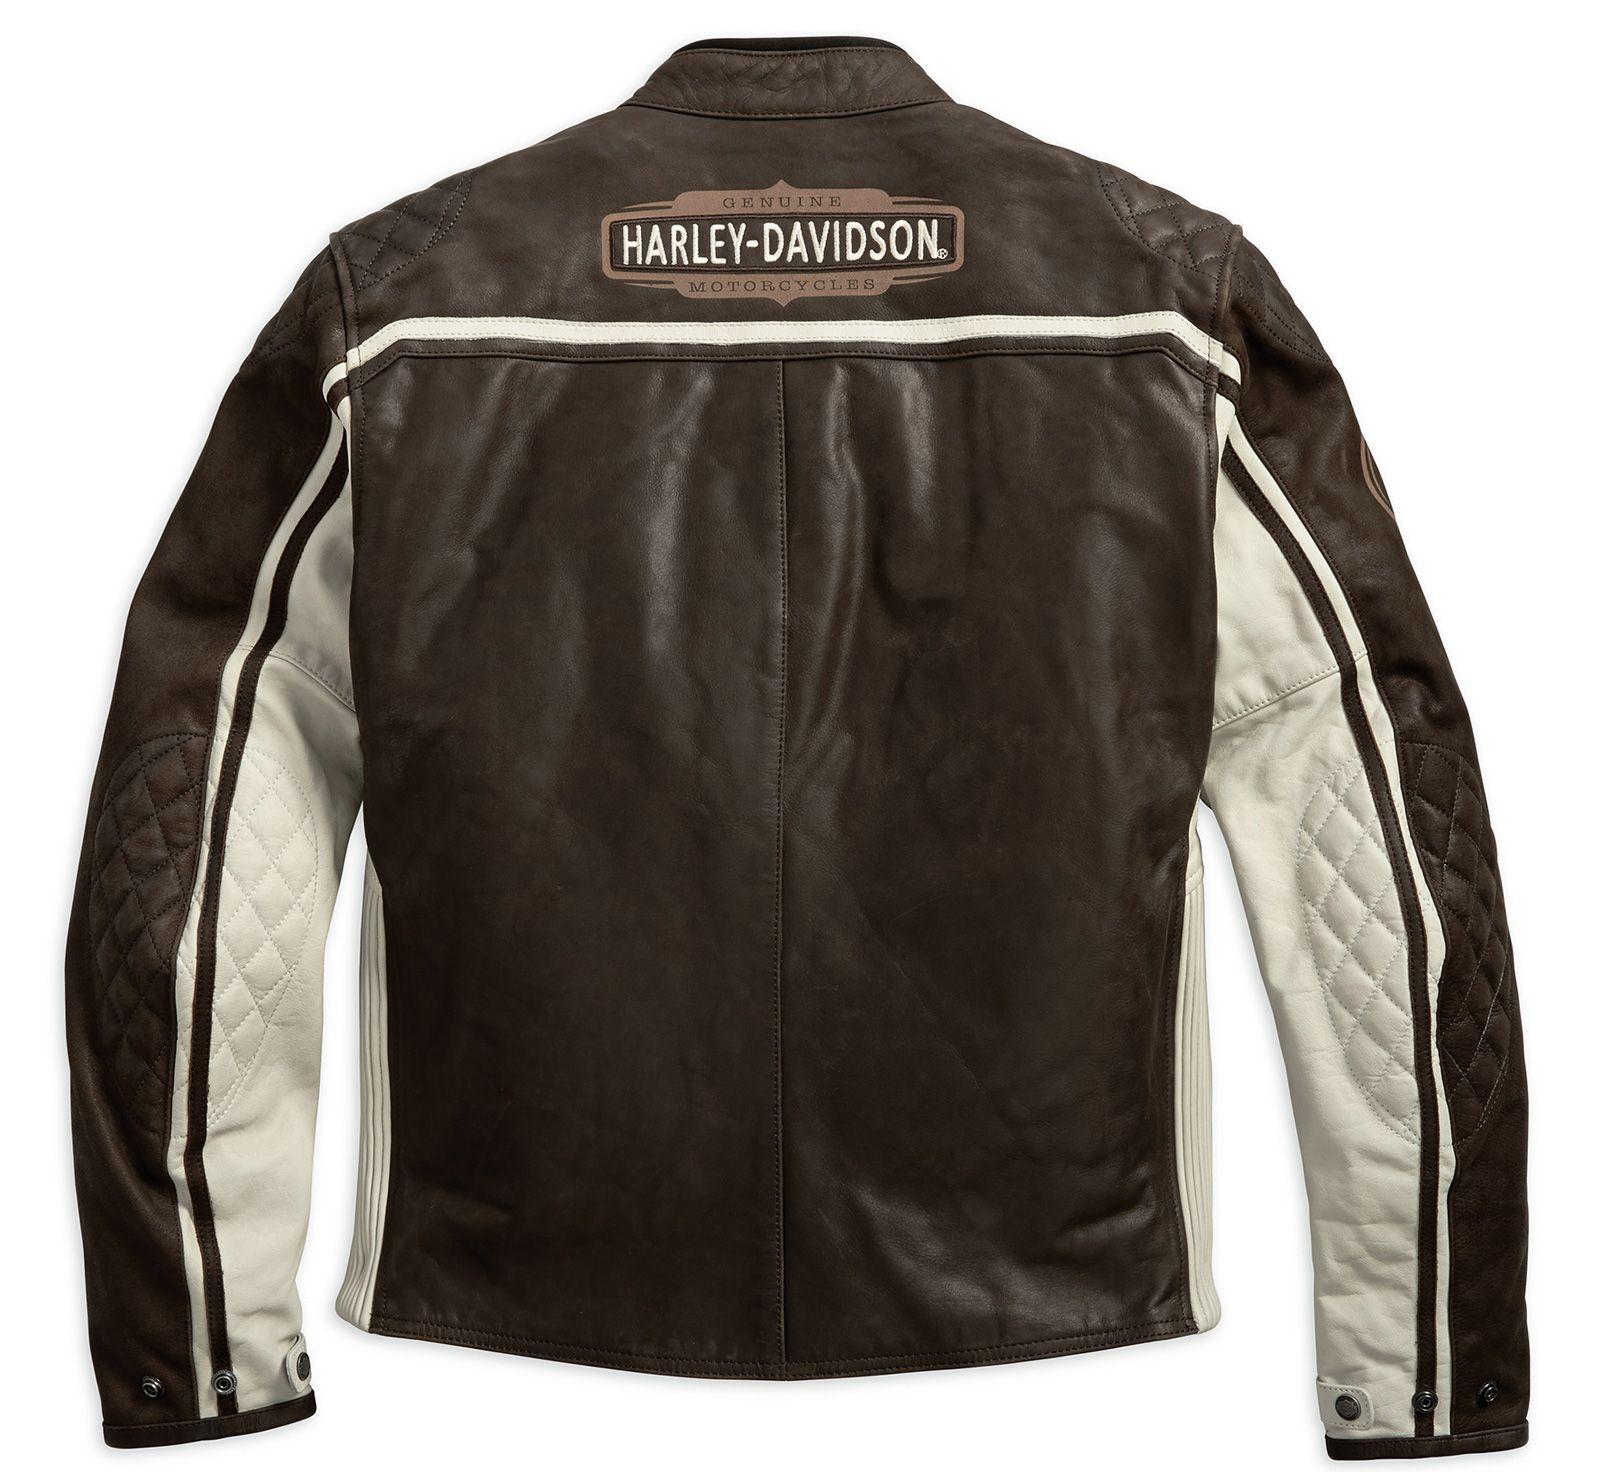 97186 18em harley davidson lederjacke dash braun im thunderbike shop. Black Bedroom Furniture Sets. Home Design Ideas